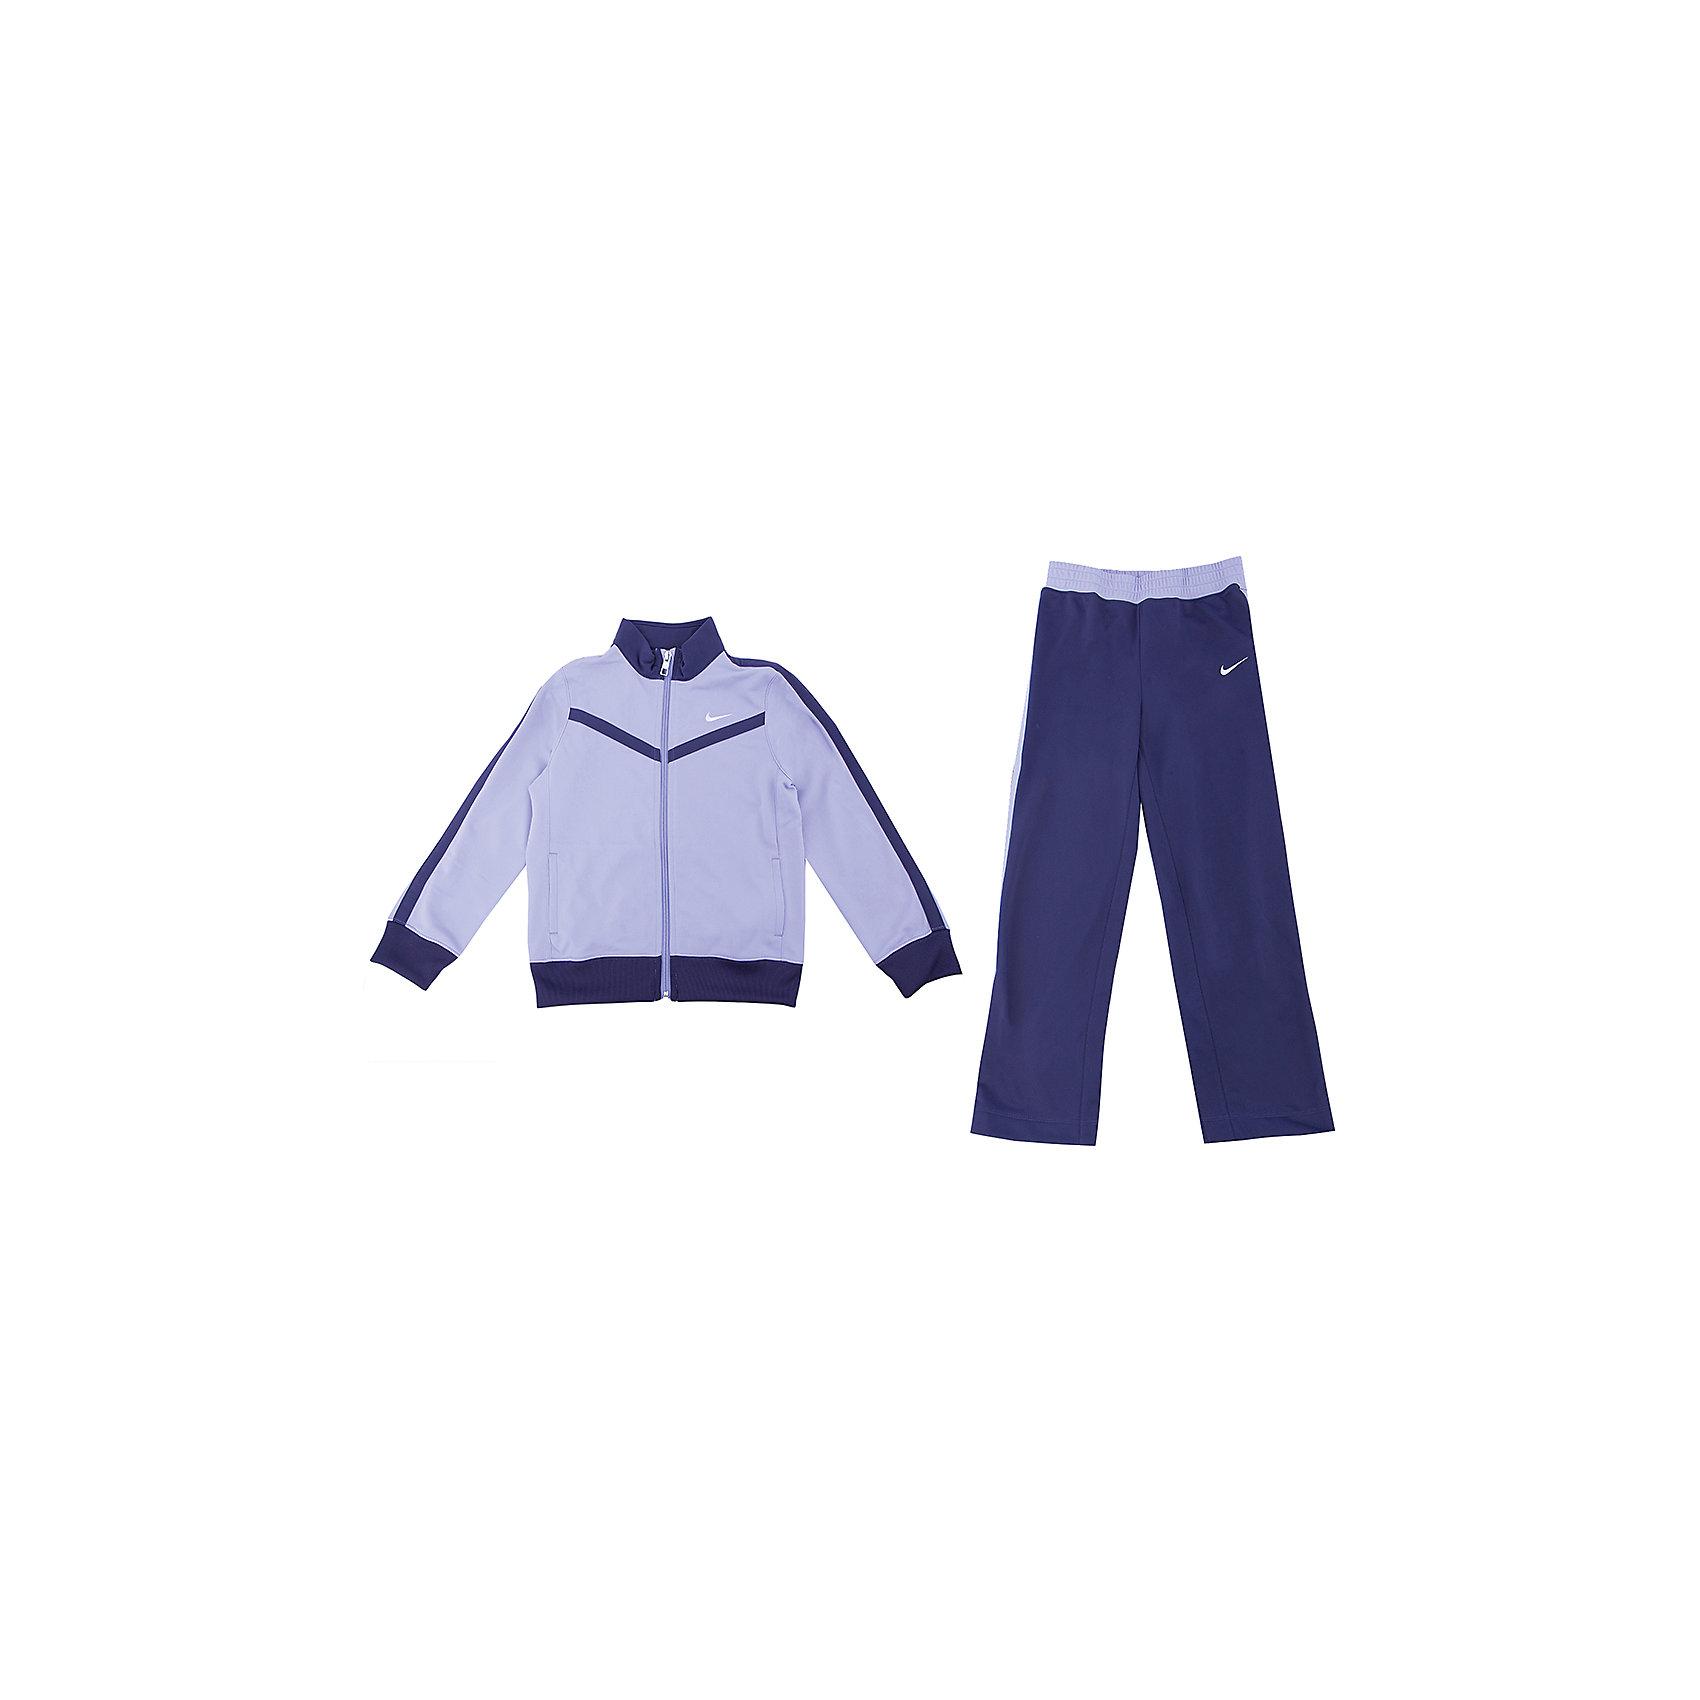 Спортивный костюм для девочки T40 TRICOT WARM UP LK NIKE